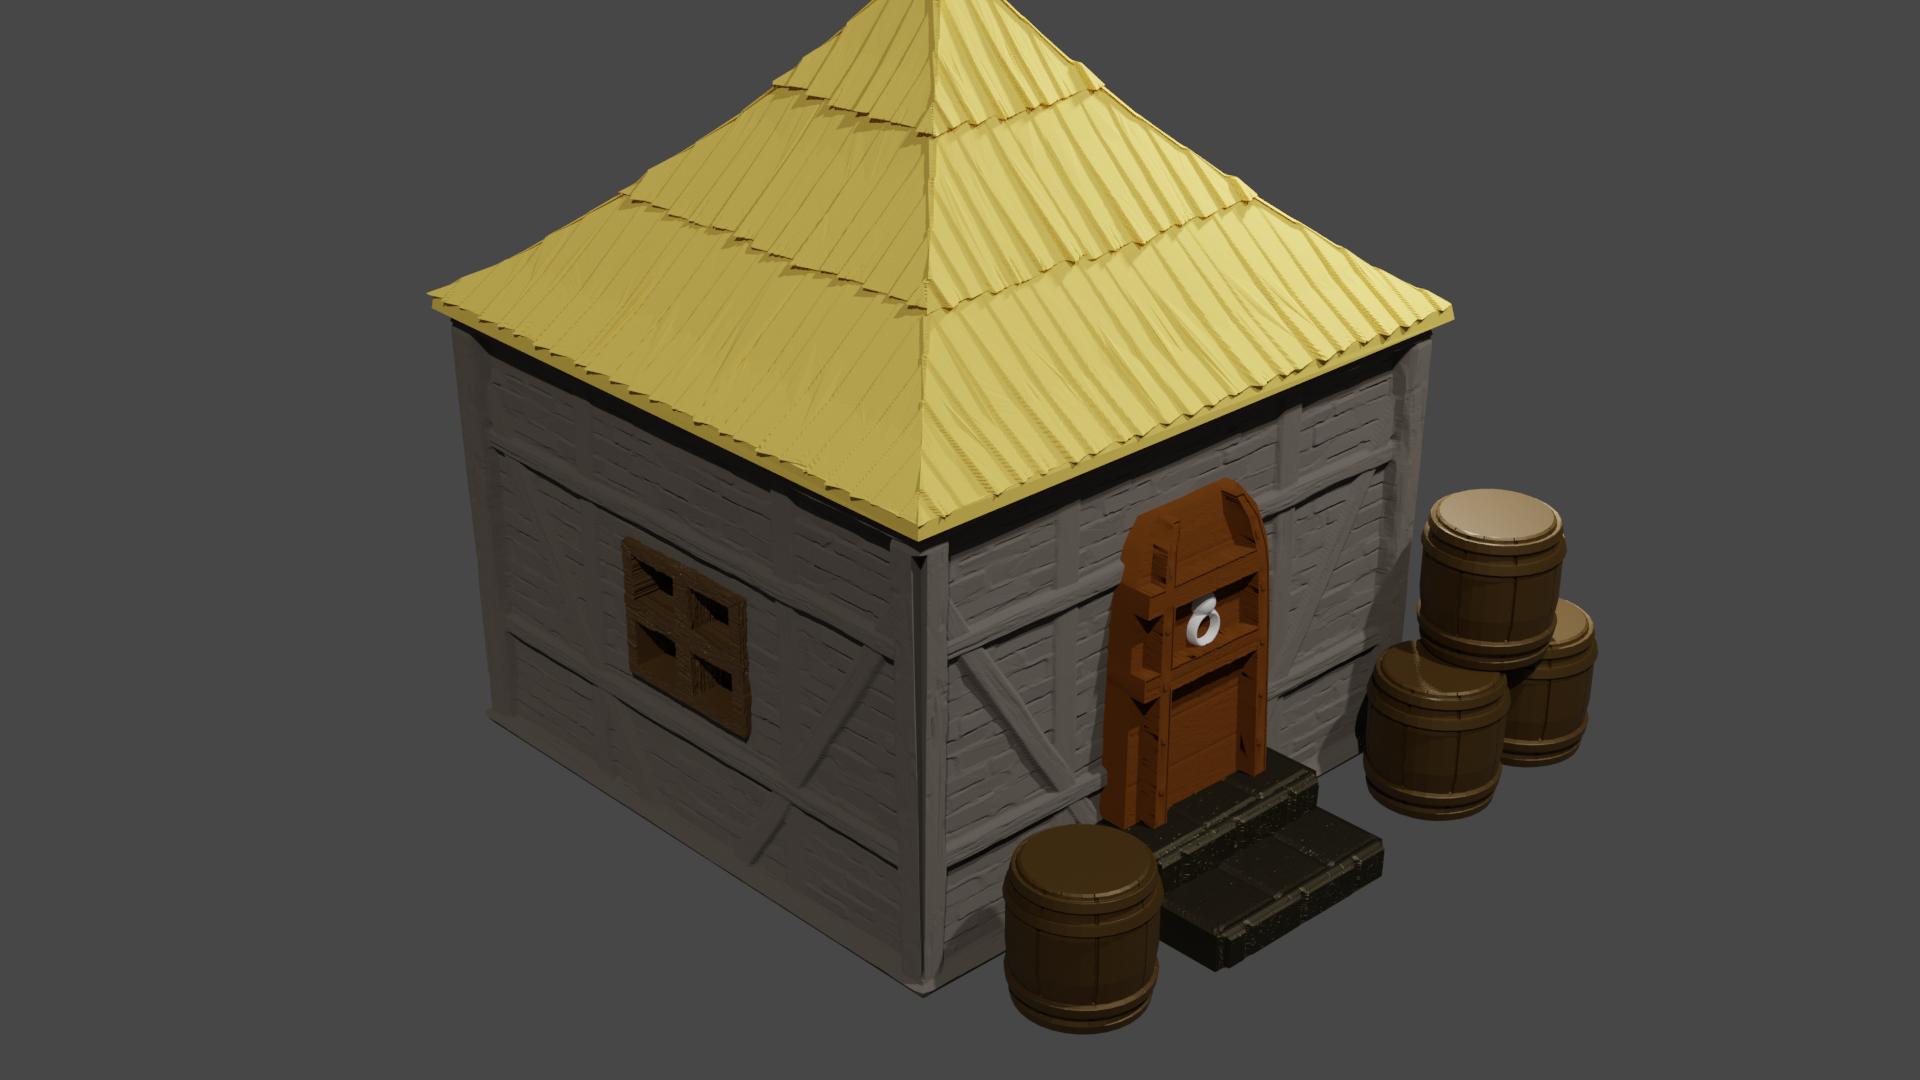 tiny house 4 .png Télécharger fichier STL Tiny house • Plan pour impression 3D, Motek3D